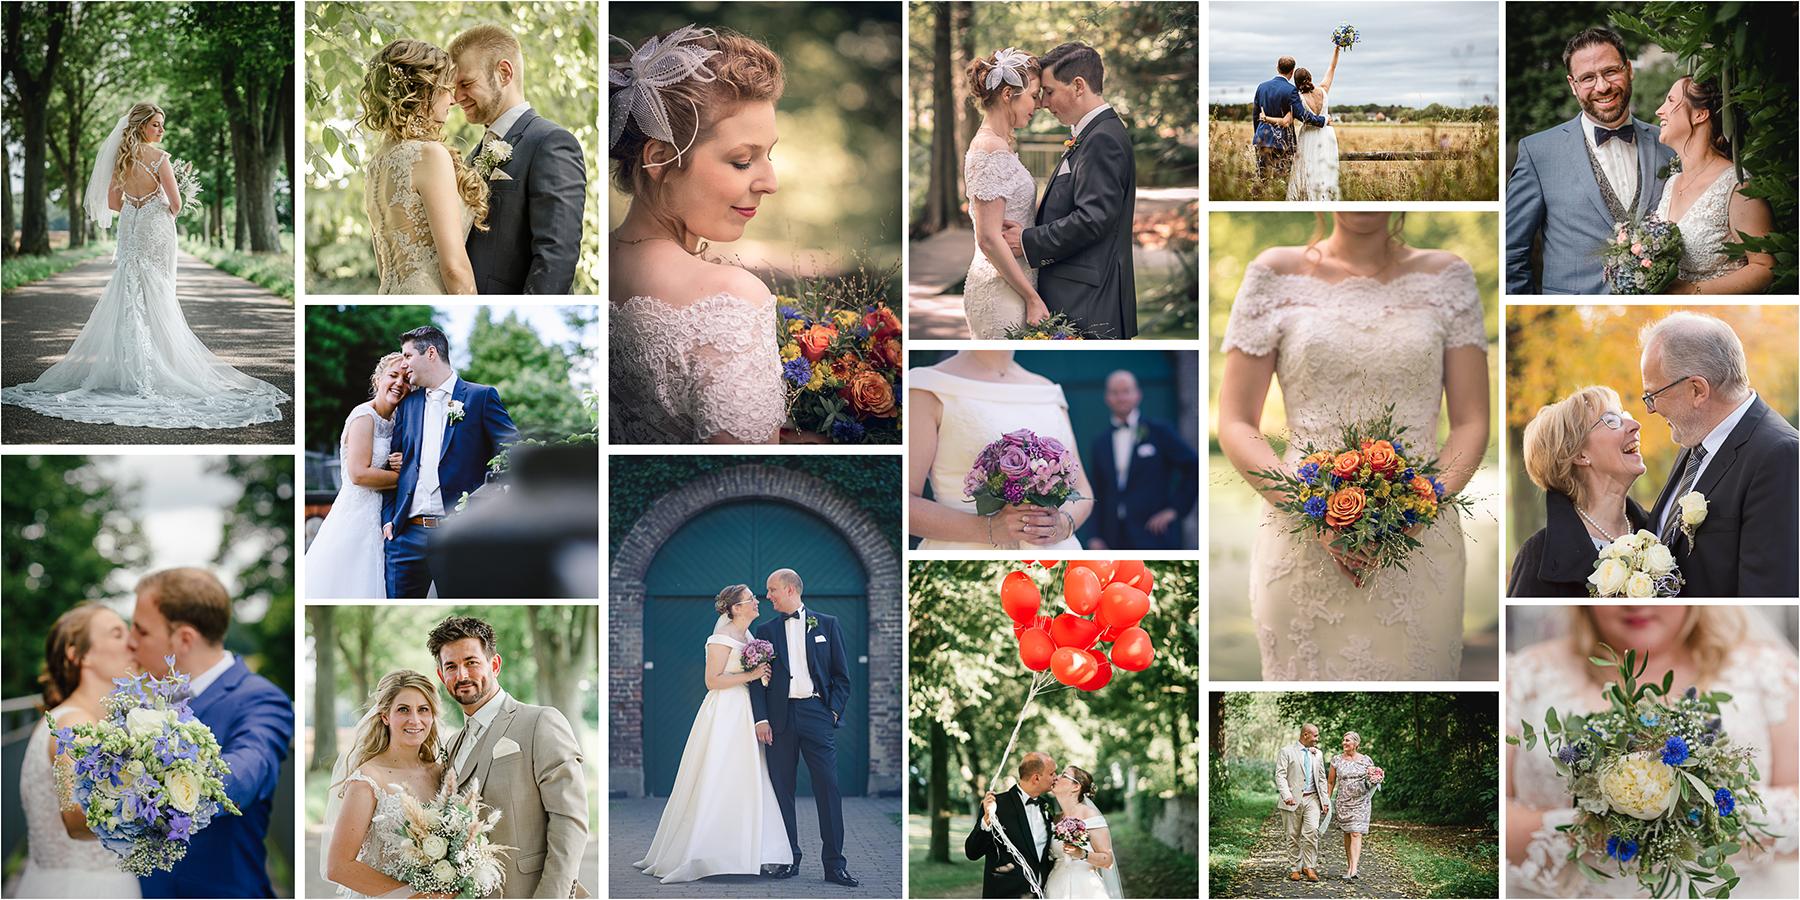 Thorsten Malinowski Fotograf Hochzeit Hochzeitsfotograf